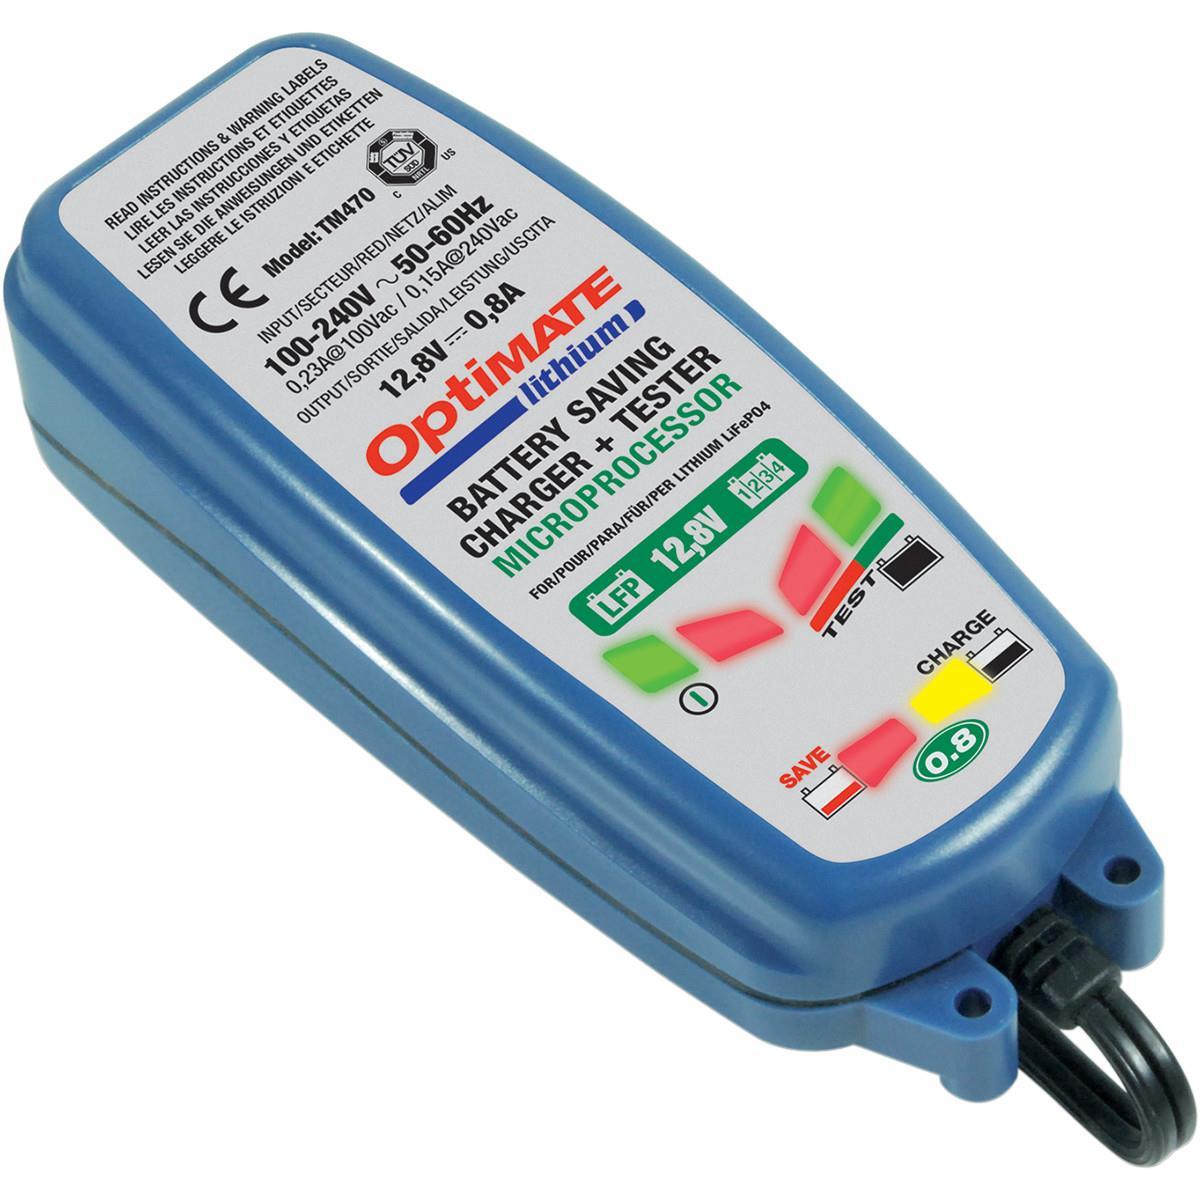 Зарядное устройство OptiMate Lithium 0,8А. TM470TM470Многоступенчатое устройство Optimate от бельгийской компании TecMate с режимами тестирования, восстановления глубокоразряженных аккумуляторных батарей и хранения. Управление полностью автоматическое без кнопок. Заряжает только литий-ионные аккумуляторные батареи, выполненные по технологии LiFePo4. Защита от короткого замыкания, переполюсовки, искрообразования, перегрева. Оптимизирует срок службы и здоровье аккумуляторной батареи. Влагозащищенный корпус. Рекомендовано 10-ю ведущими производителями мототехники. OptiMate Lithium 0,8А рекомендуется для LiFePo4 АКБ от 2 Ач до 50 Ач. Ток зарядки: 0,8А. Старт заряда АКБ от 0,5В. Температурный режим -20...+40°С. В комплект устройства входят аксессуары: O1 кольцевой разъем постоянного подключения и O4 зажимы типа крокодил.